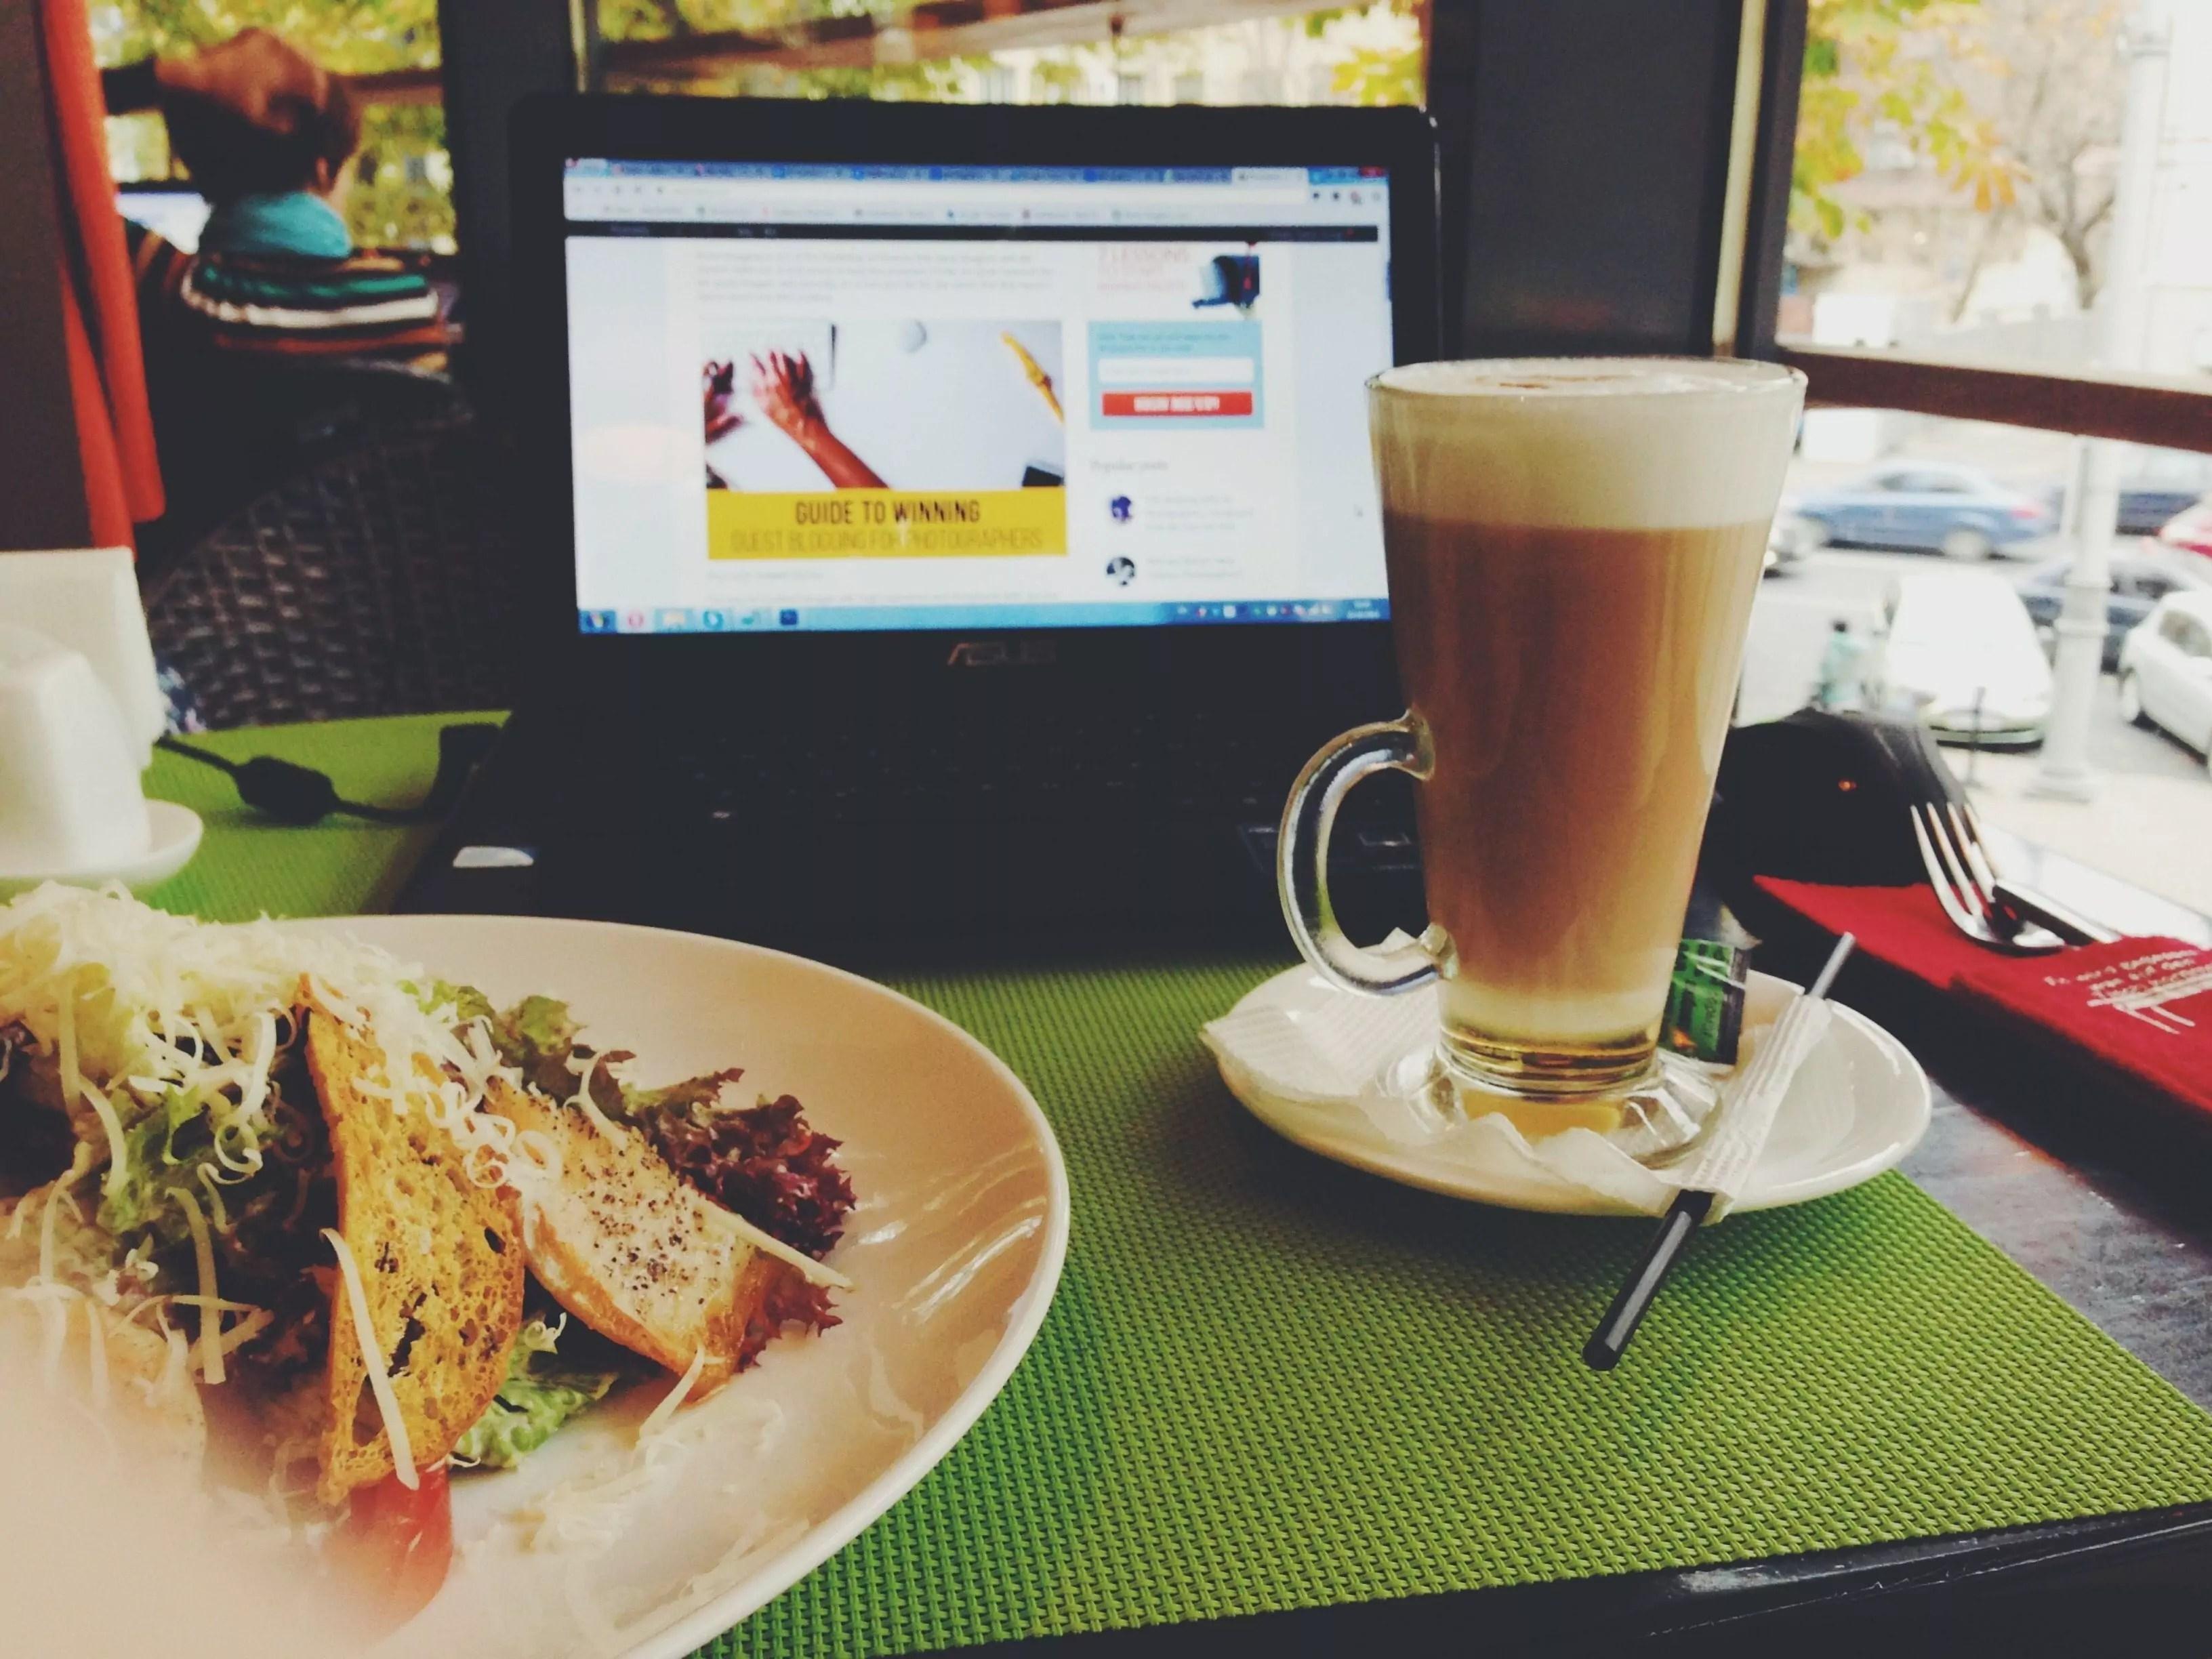 koffie laptop